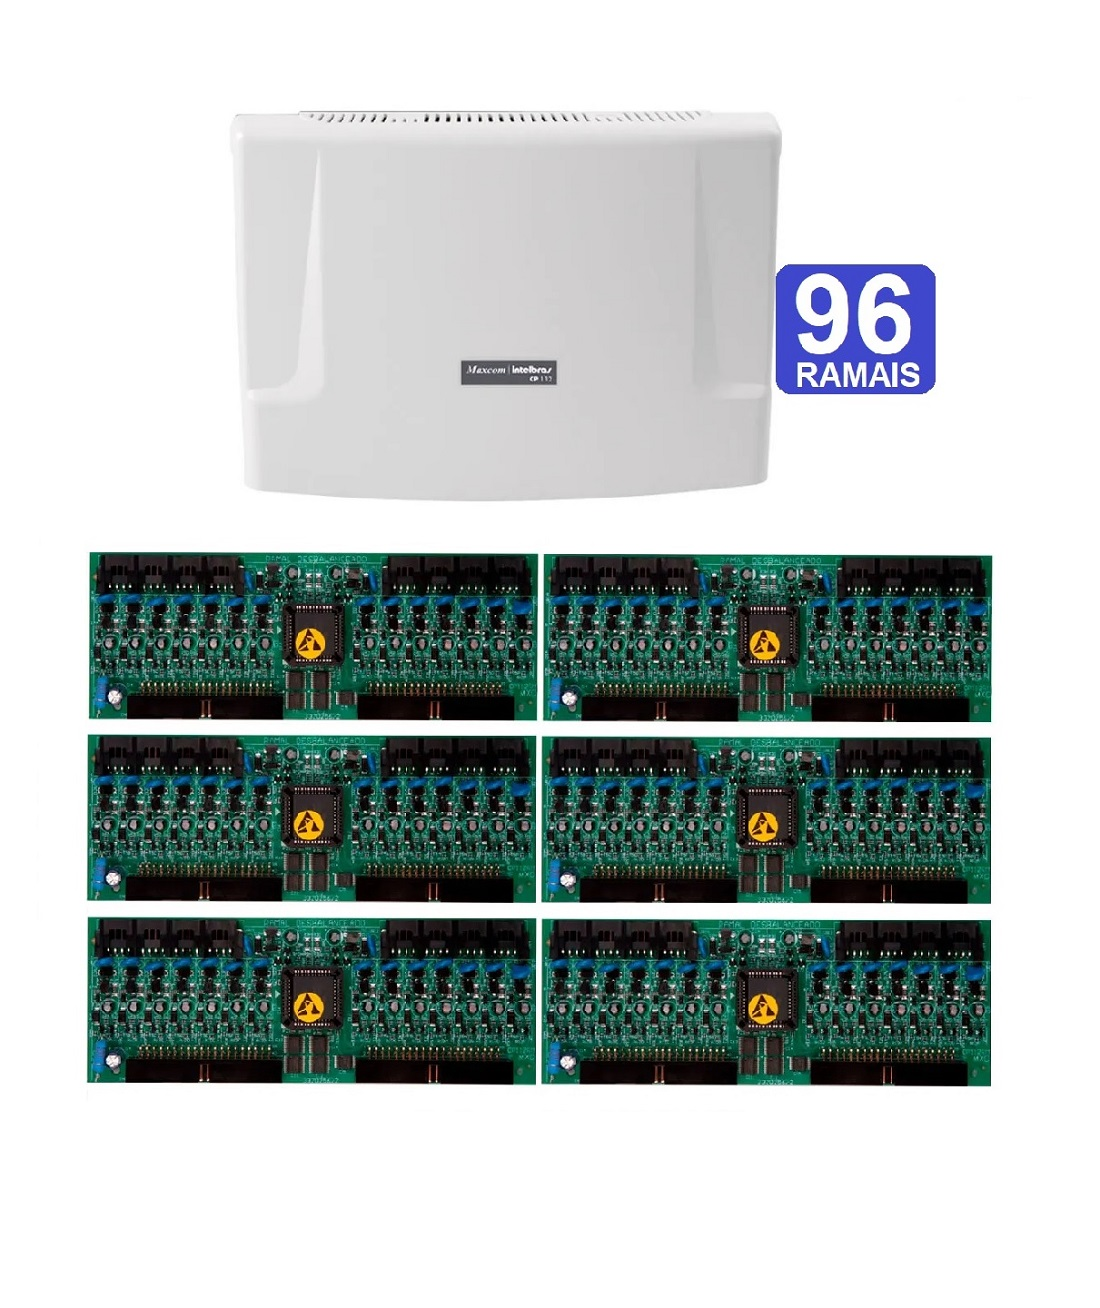 Kit Central de Interfone Condomínio com 96 Ramais Intelbras